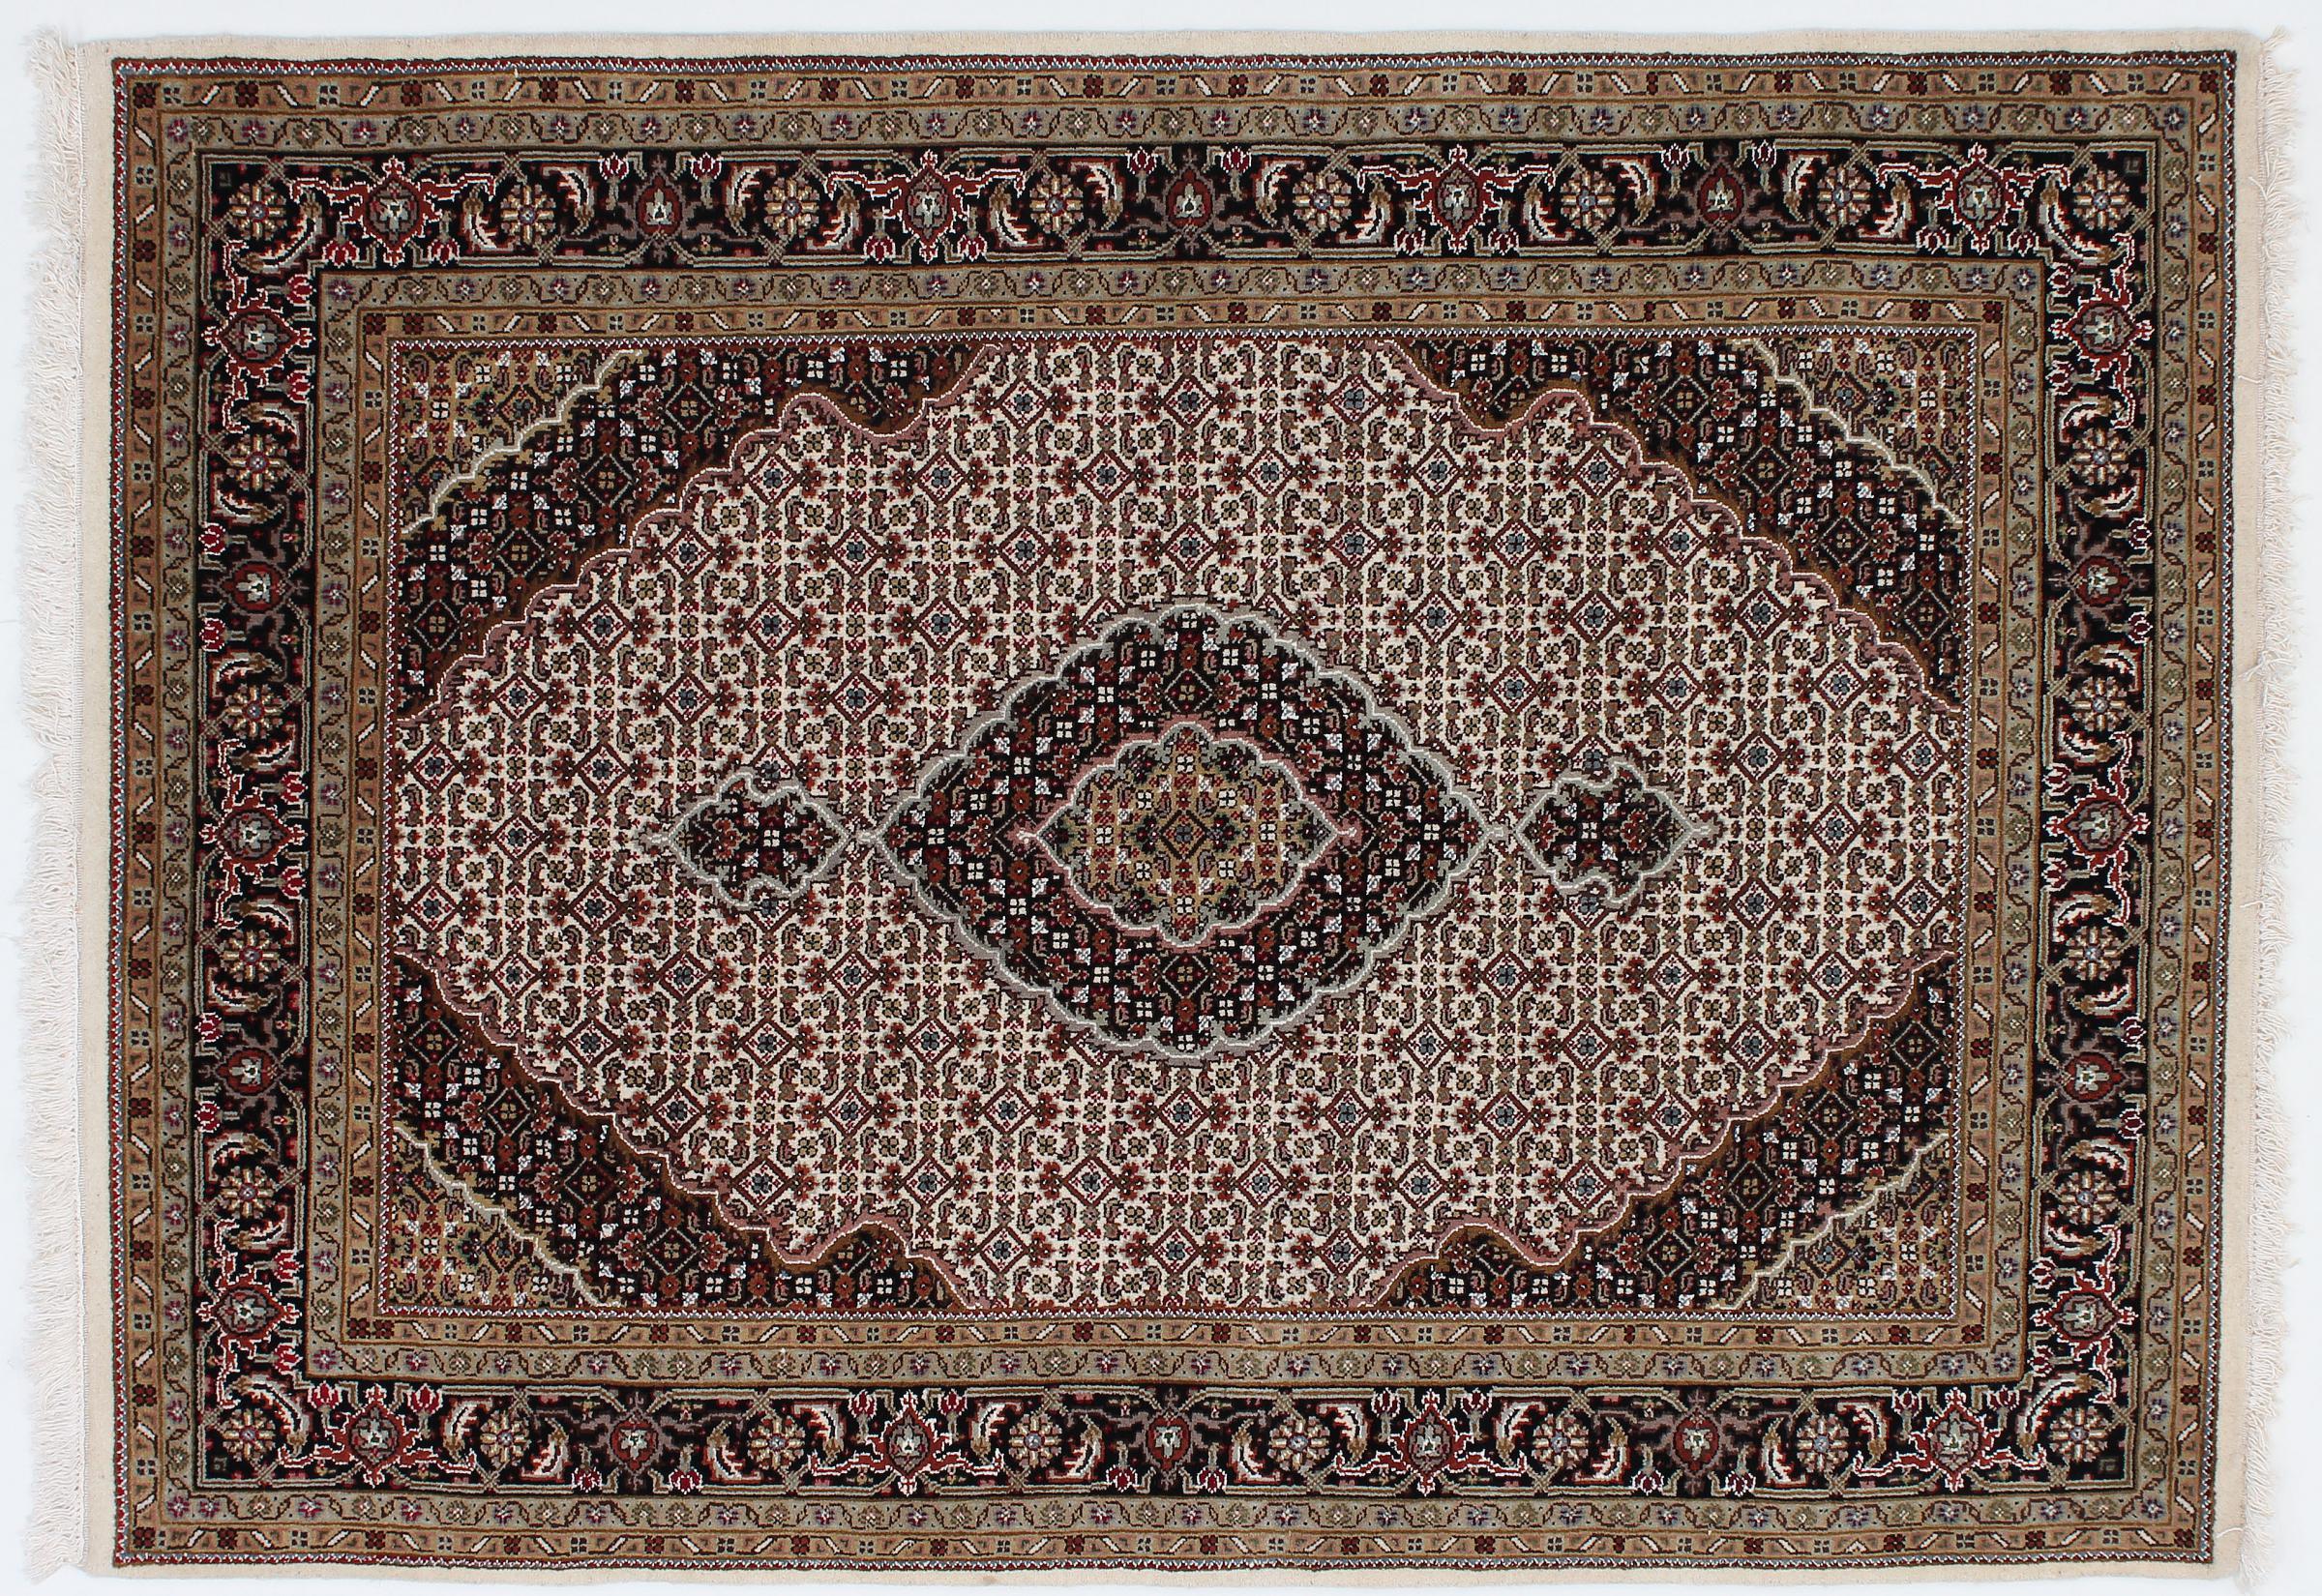 indo t briz indischer teppich 204x144 id23175 kaufen sie ihren orientteppich indo tabriz. Black Bedroom Furniture Sets. Home Design Ideas